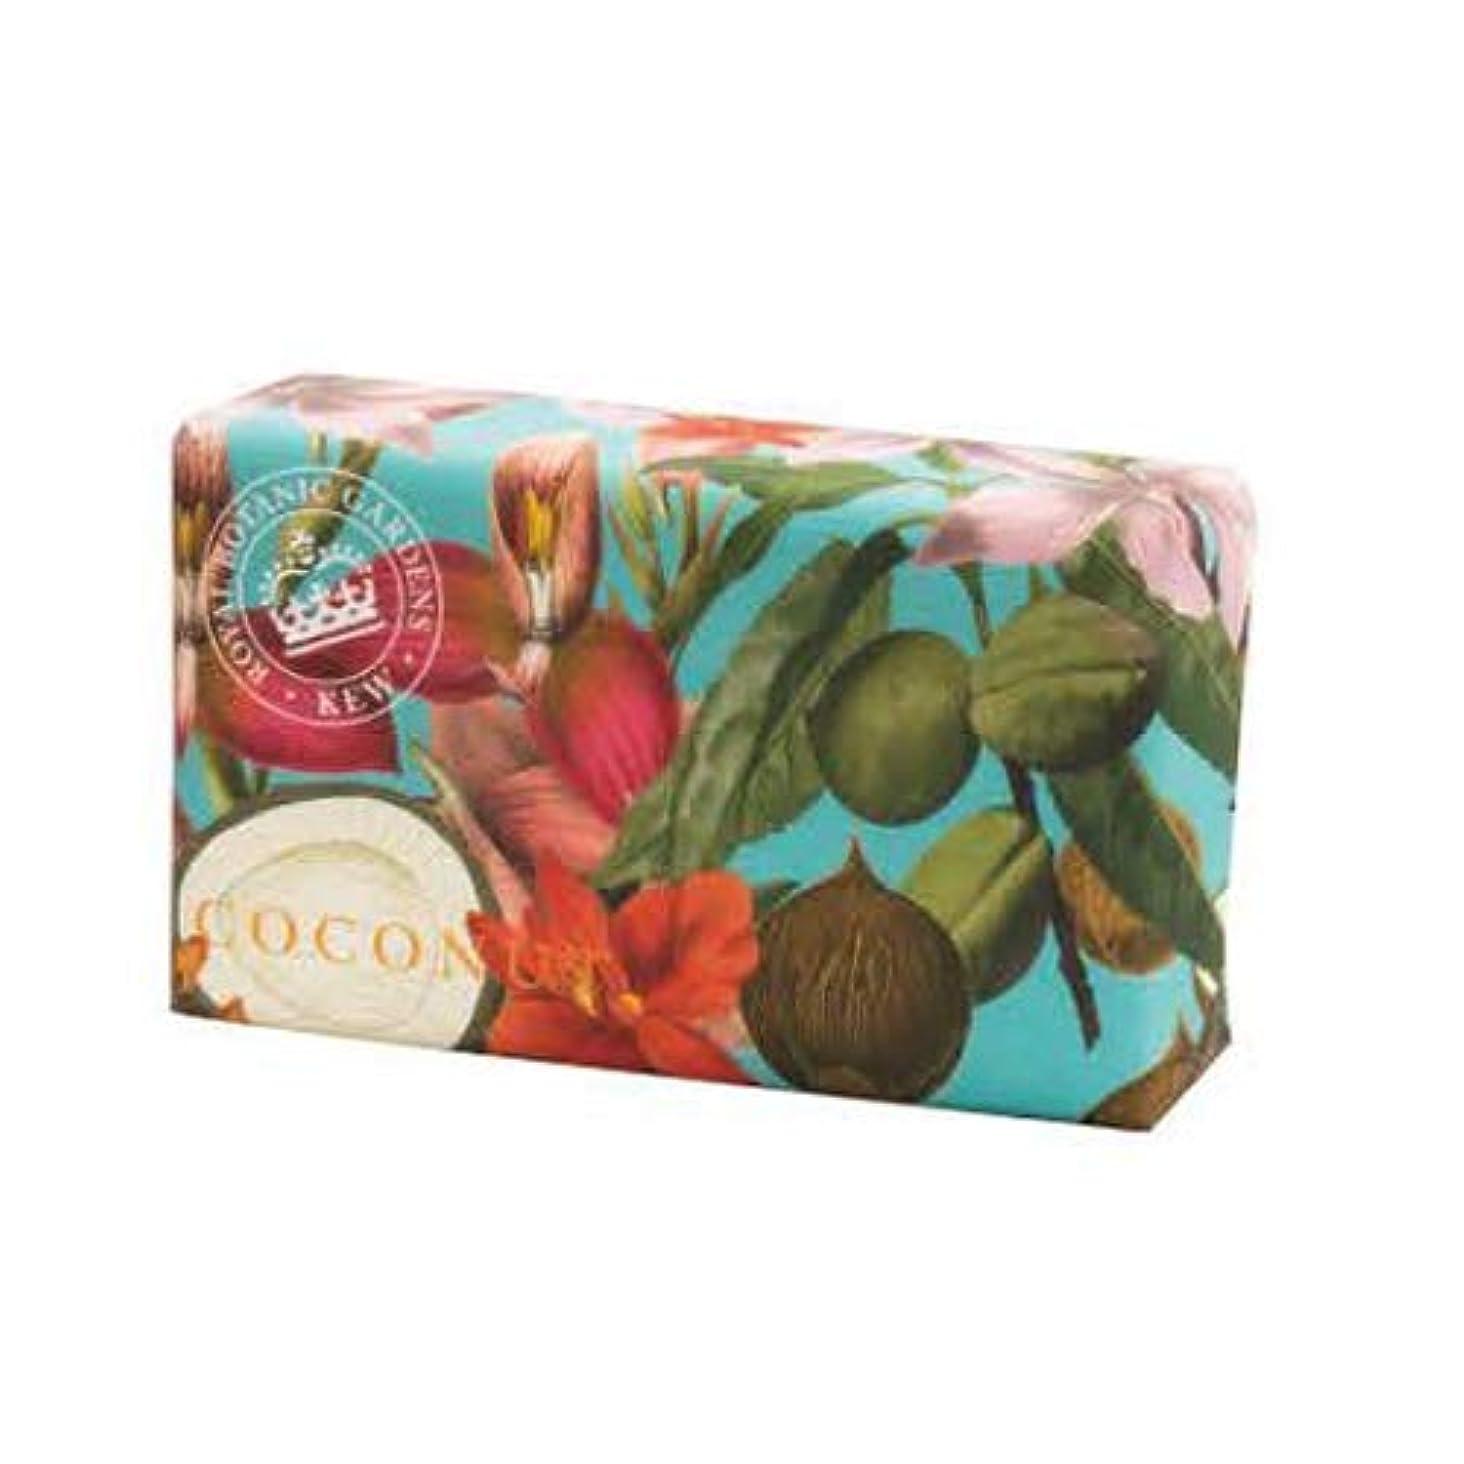 振るうキャベツ芽English Soap Company イングリッシュソープカンパニー KEW GARDEN キュー?ガーデン Luxury Shea Soaps シアソープ Coconut ココナッツ